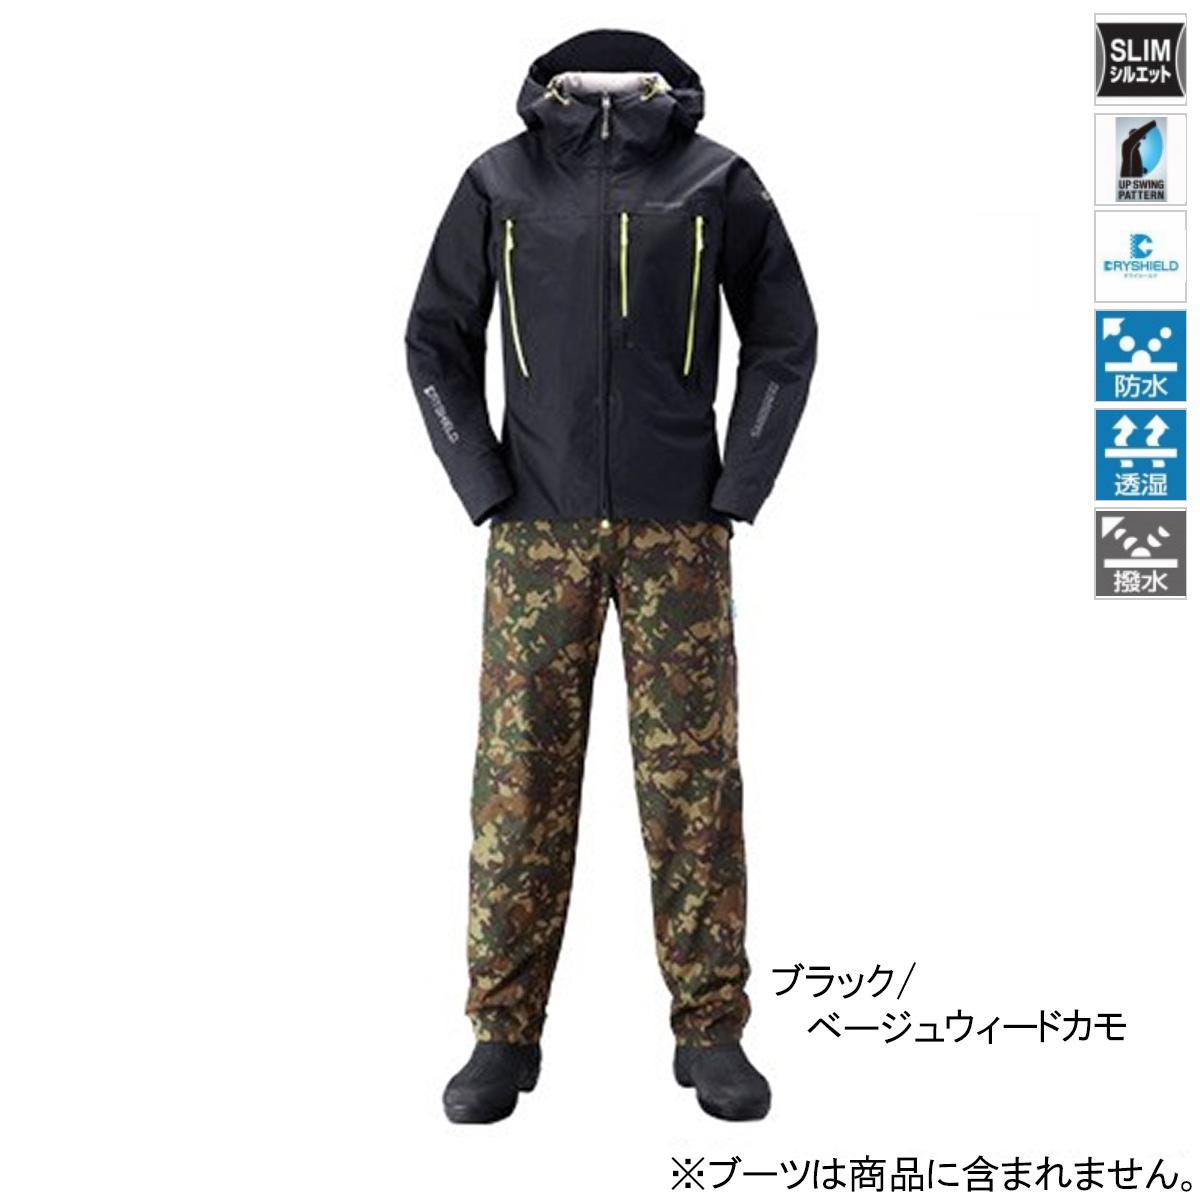 シマノ DSエクスプローラースーツ RA-024S 2XL ブラック/ベージュウィードカモ(東日本店)